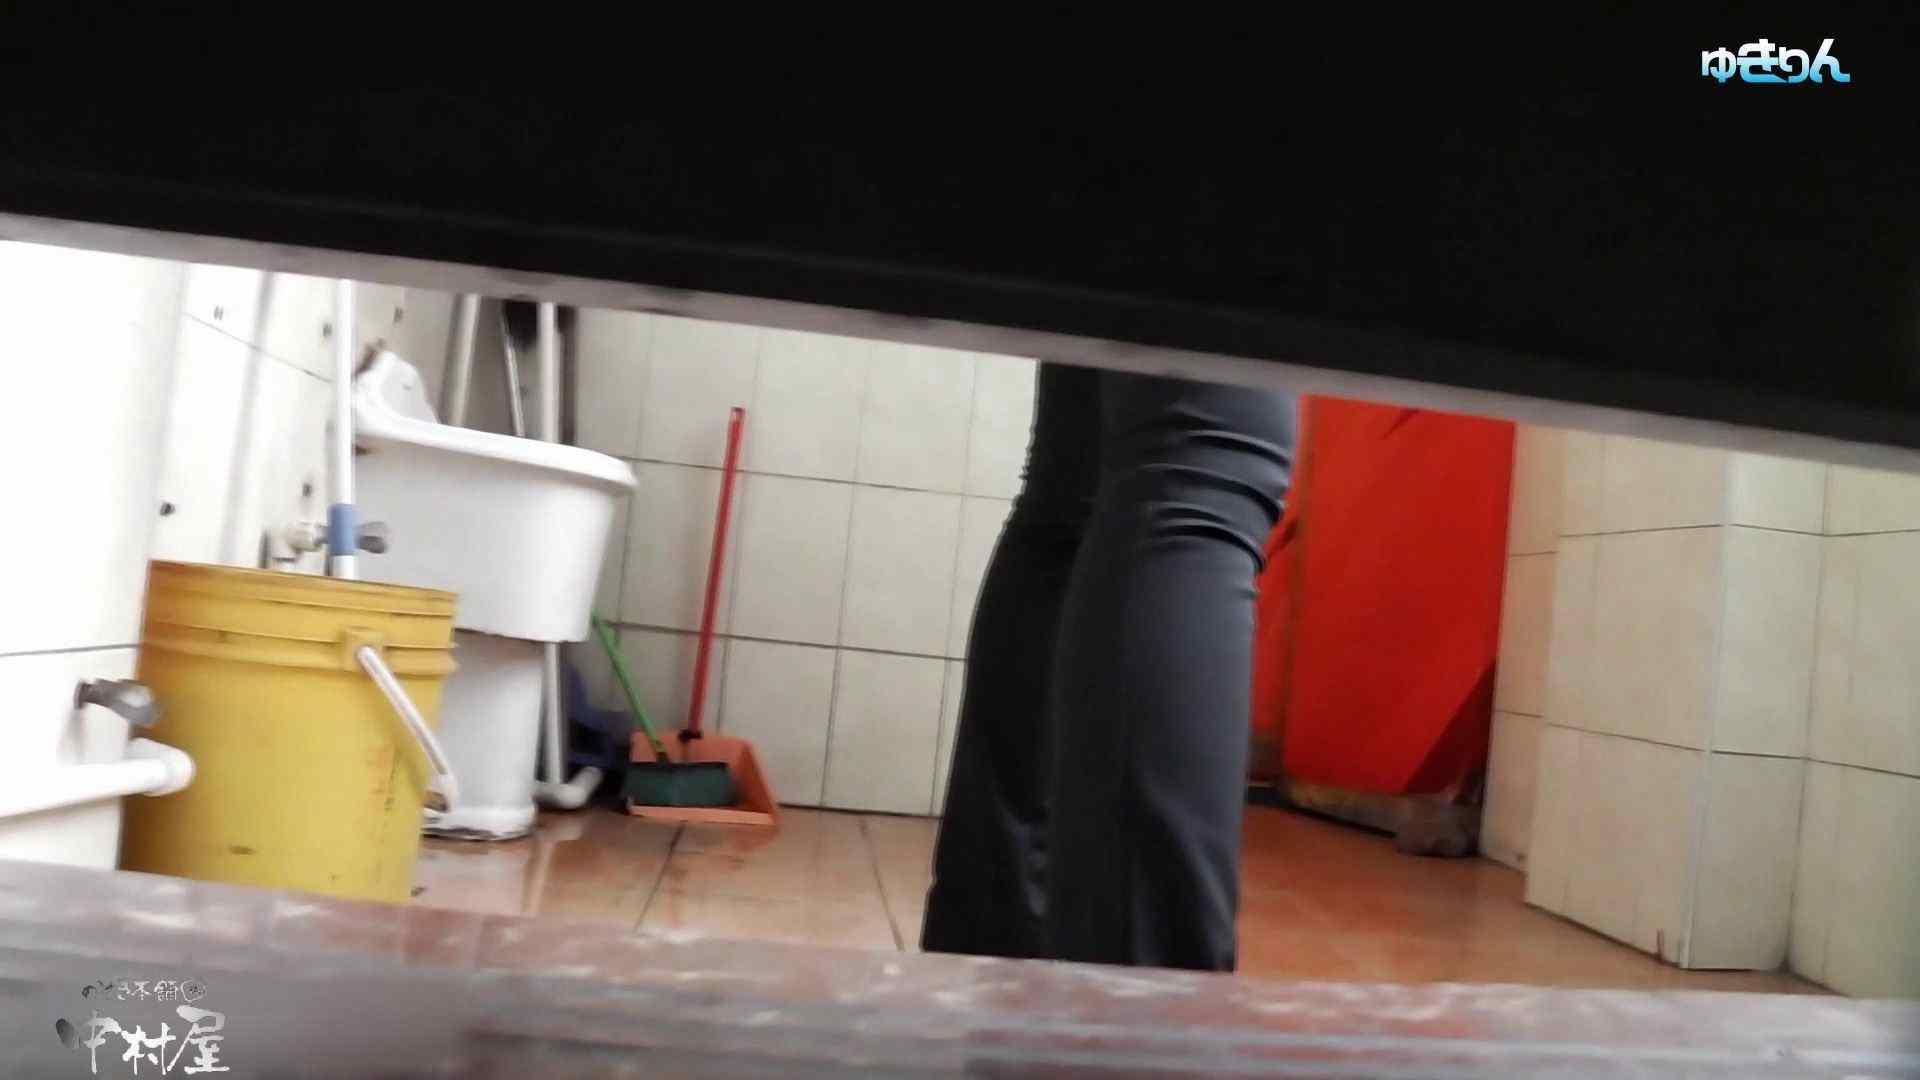 世界の射窓から~ステーション編 vol60 ユキリン粘着撮り!!今回はタイトなパンツが似合う美女 美女まとめ  113PIX 68